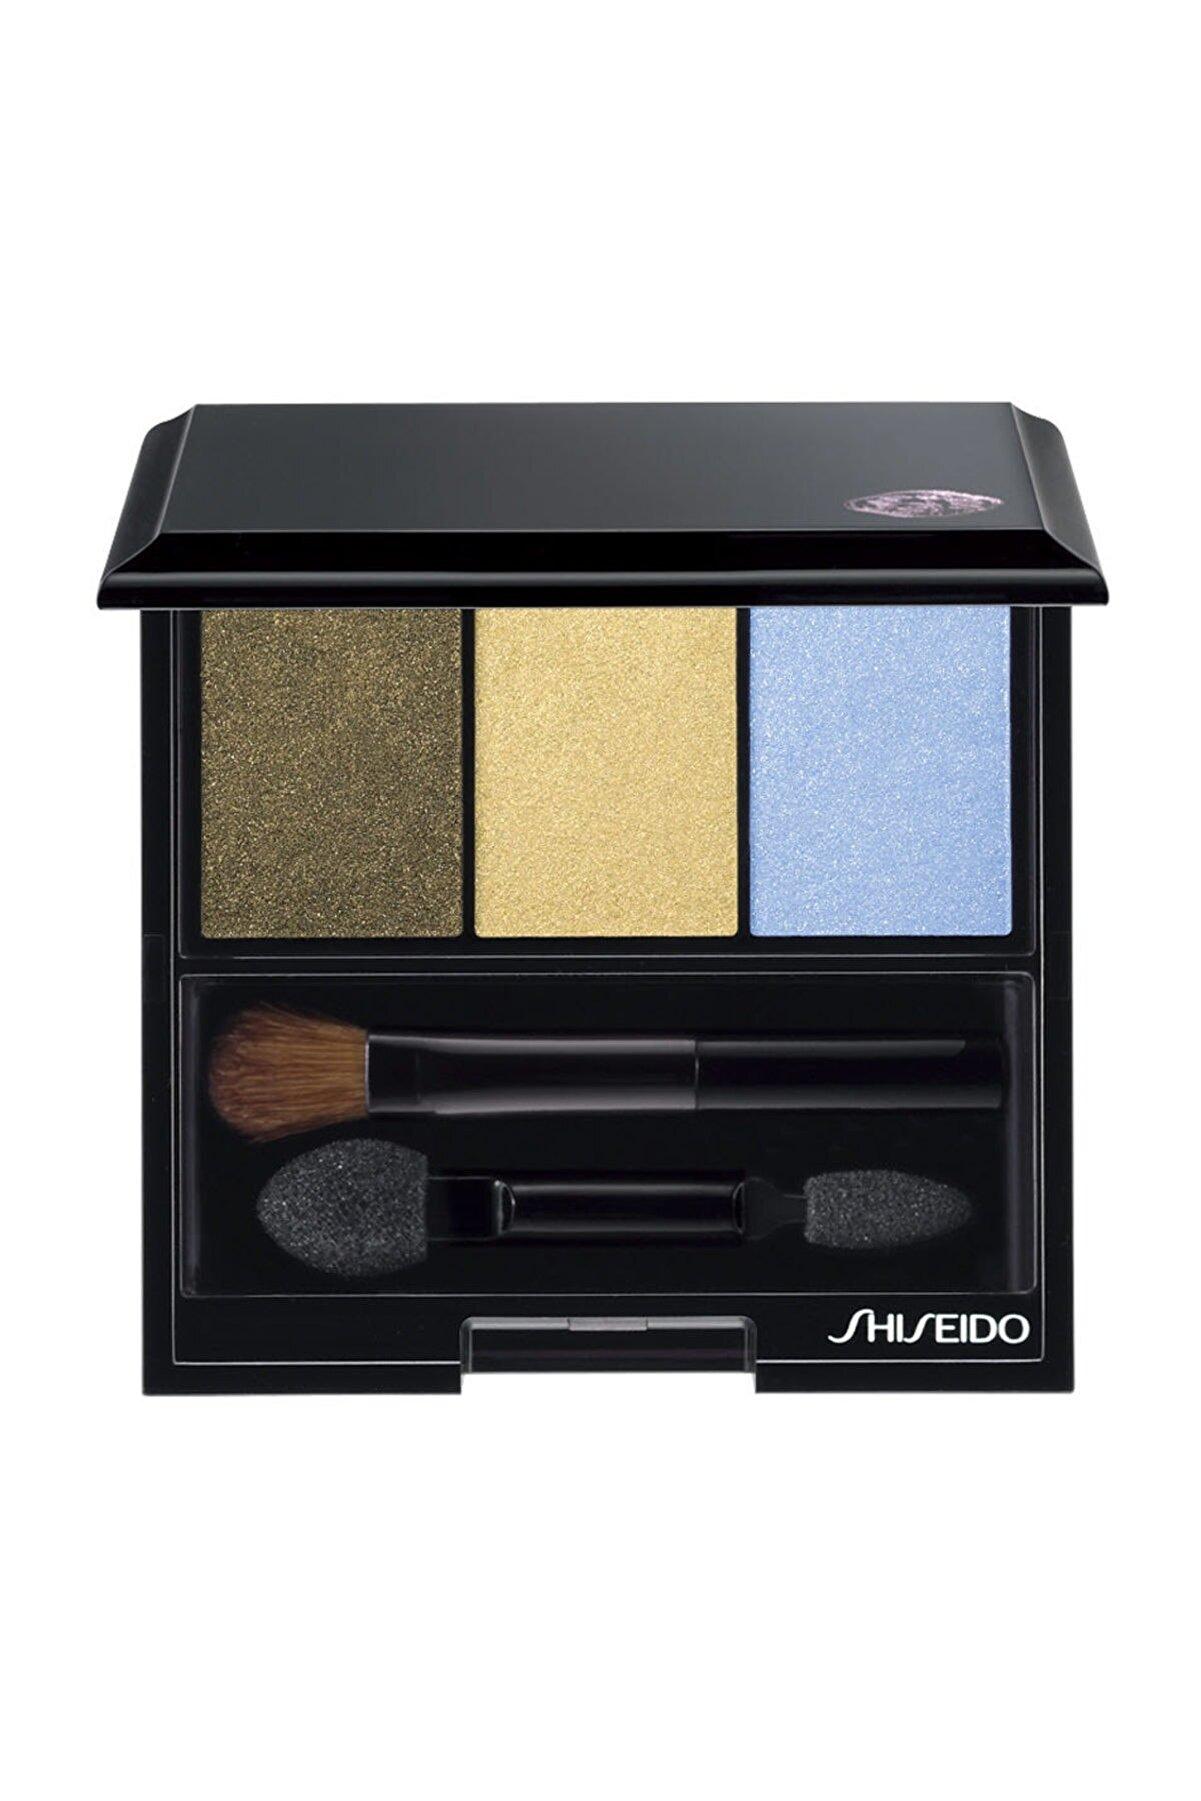 Shiseido Saten bitişli 3'lü Göz Farı - Luminizing Satin Eye Color Trio GD804 729238105249